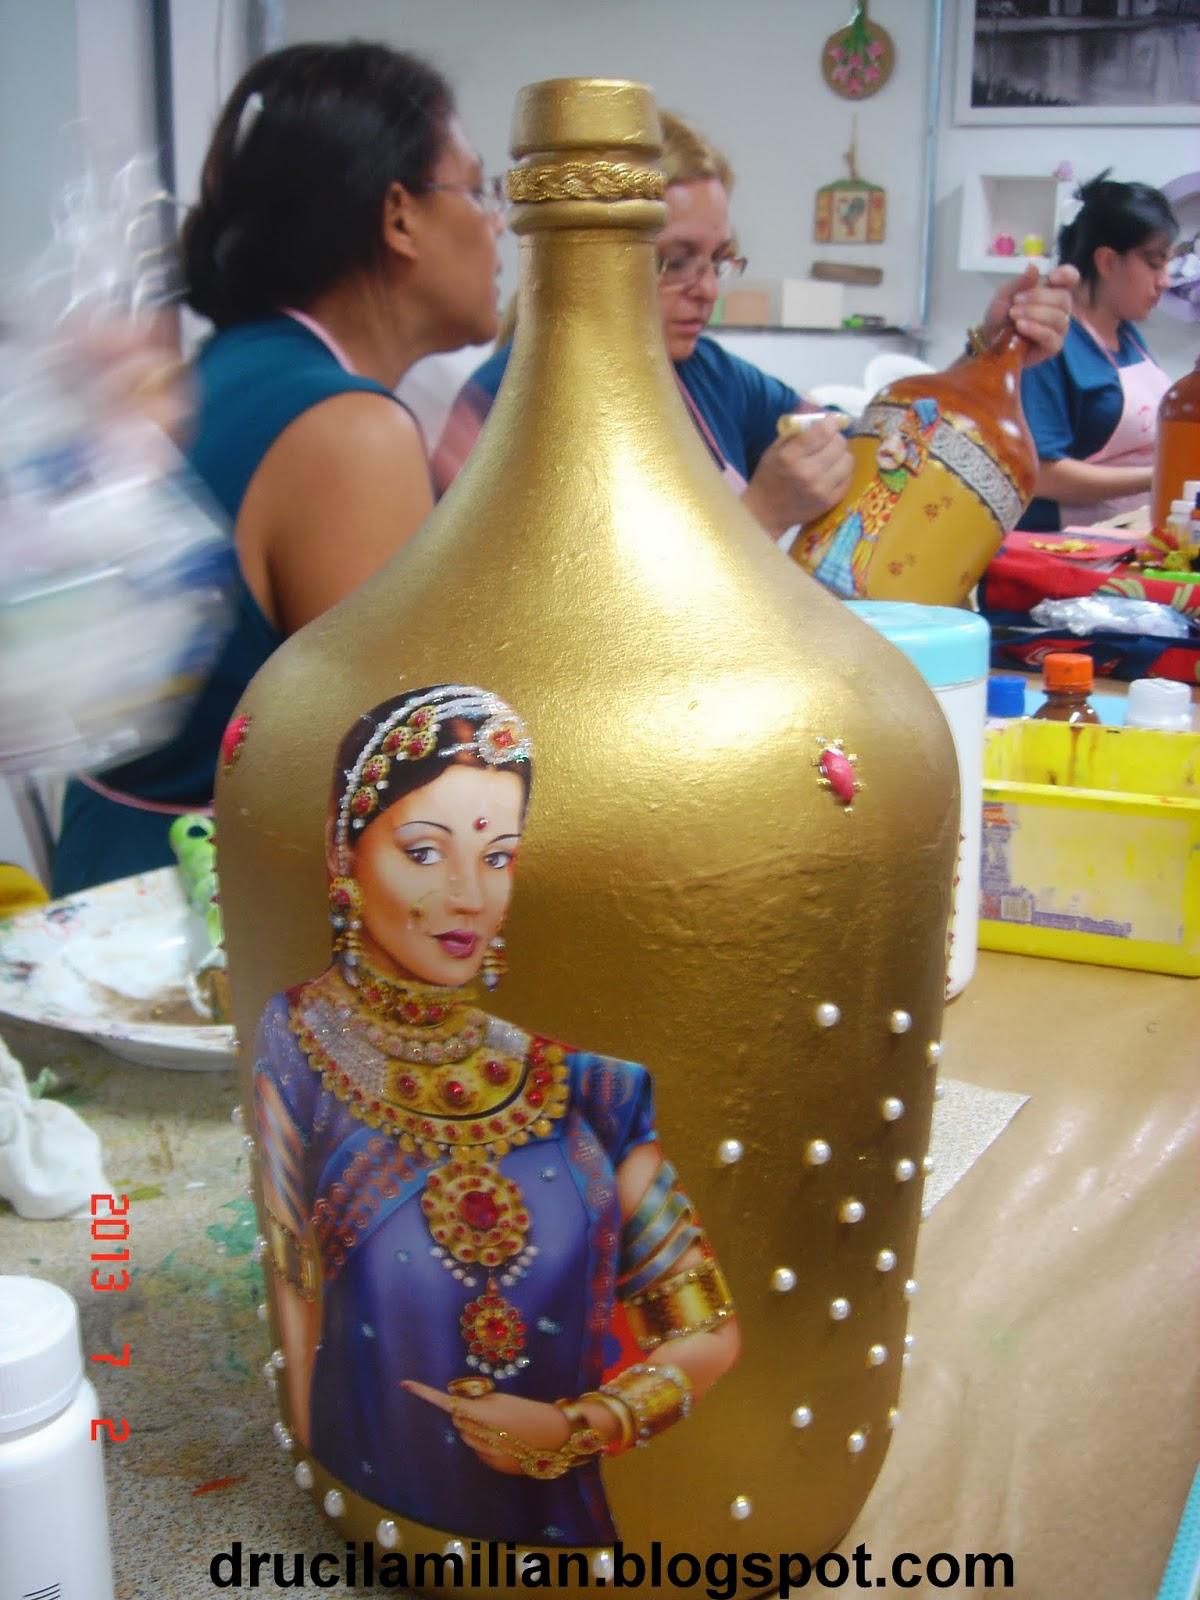 Artesanato Sao Carlos ~ Arteirices da Dru Garrafões de Vinho Reciclados Ideias